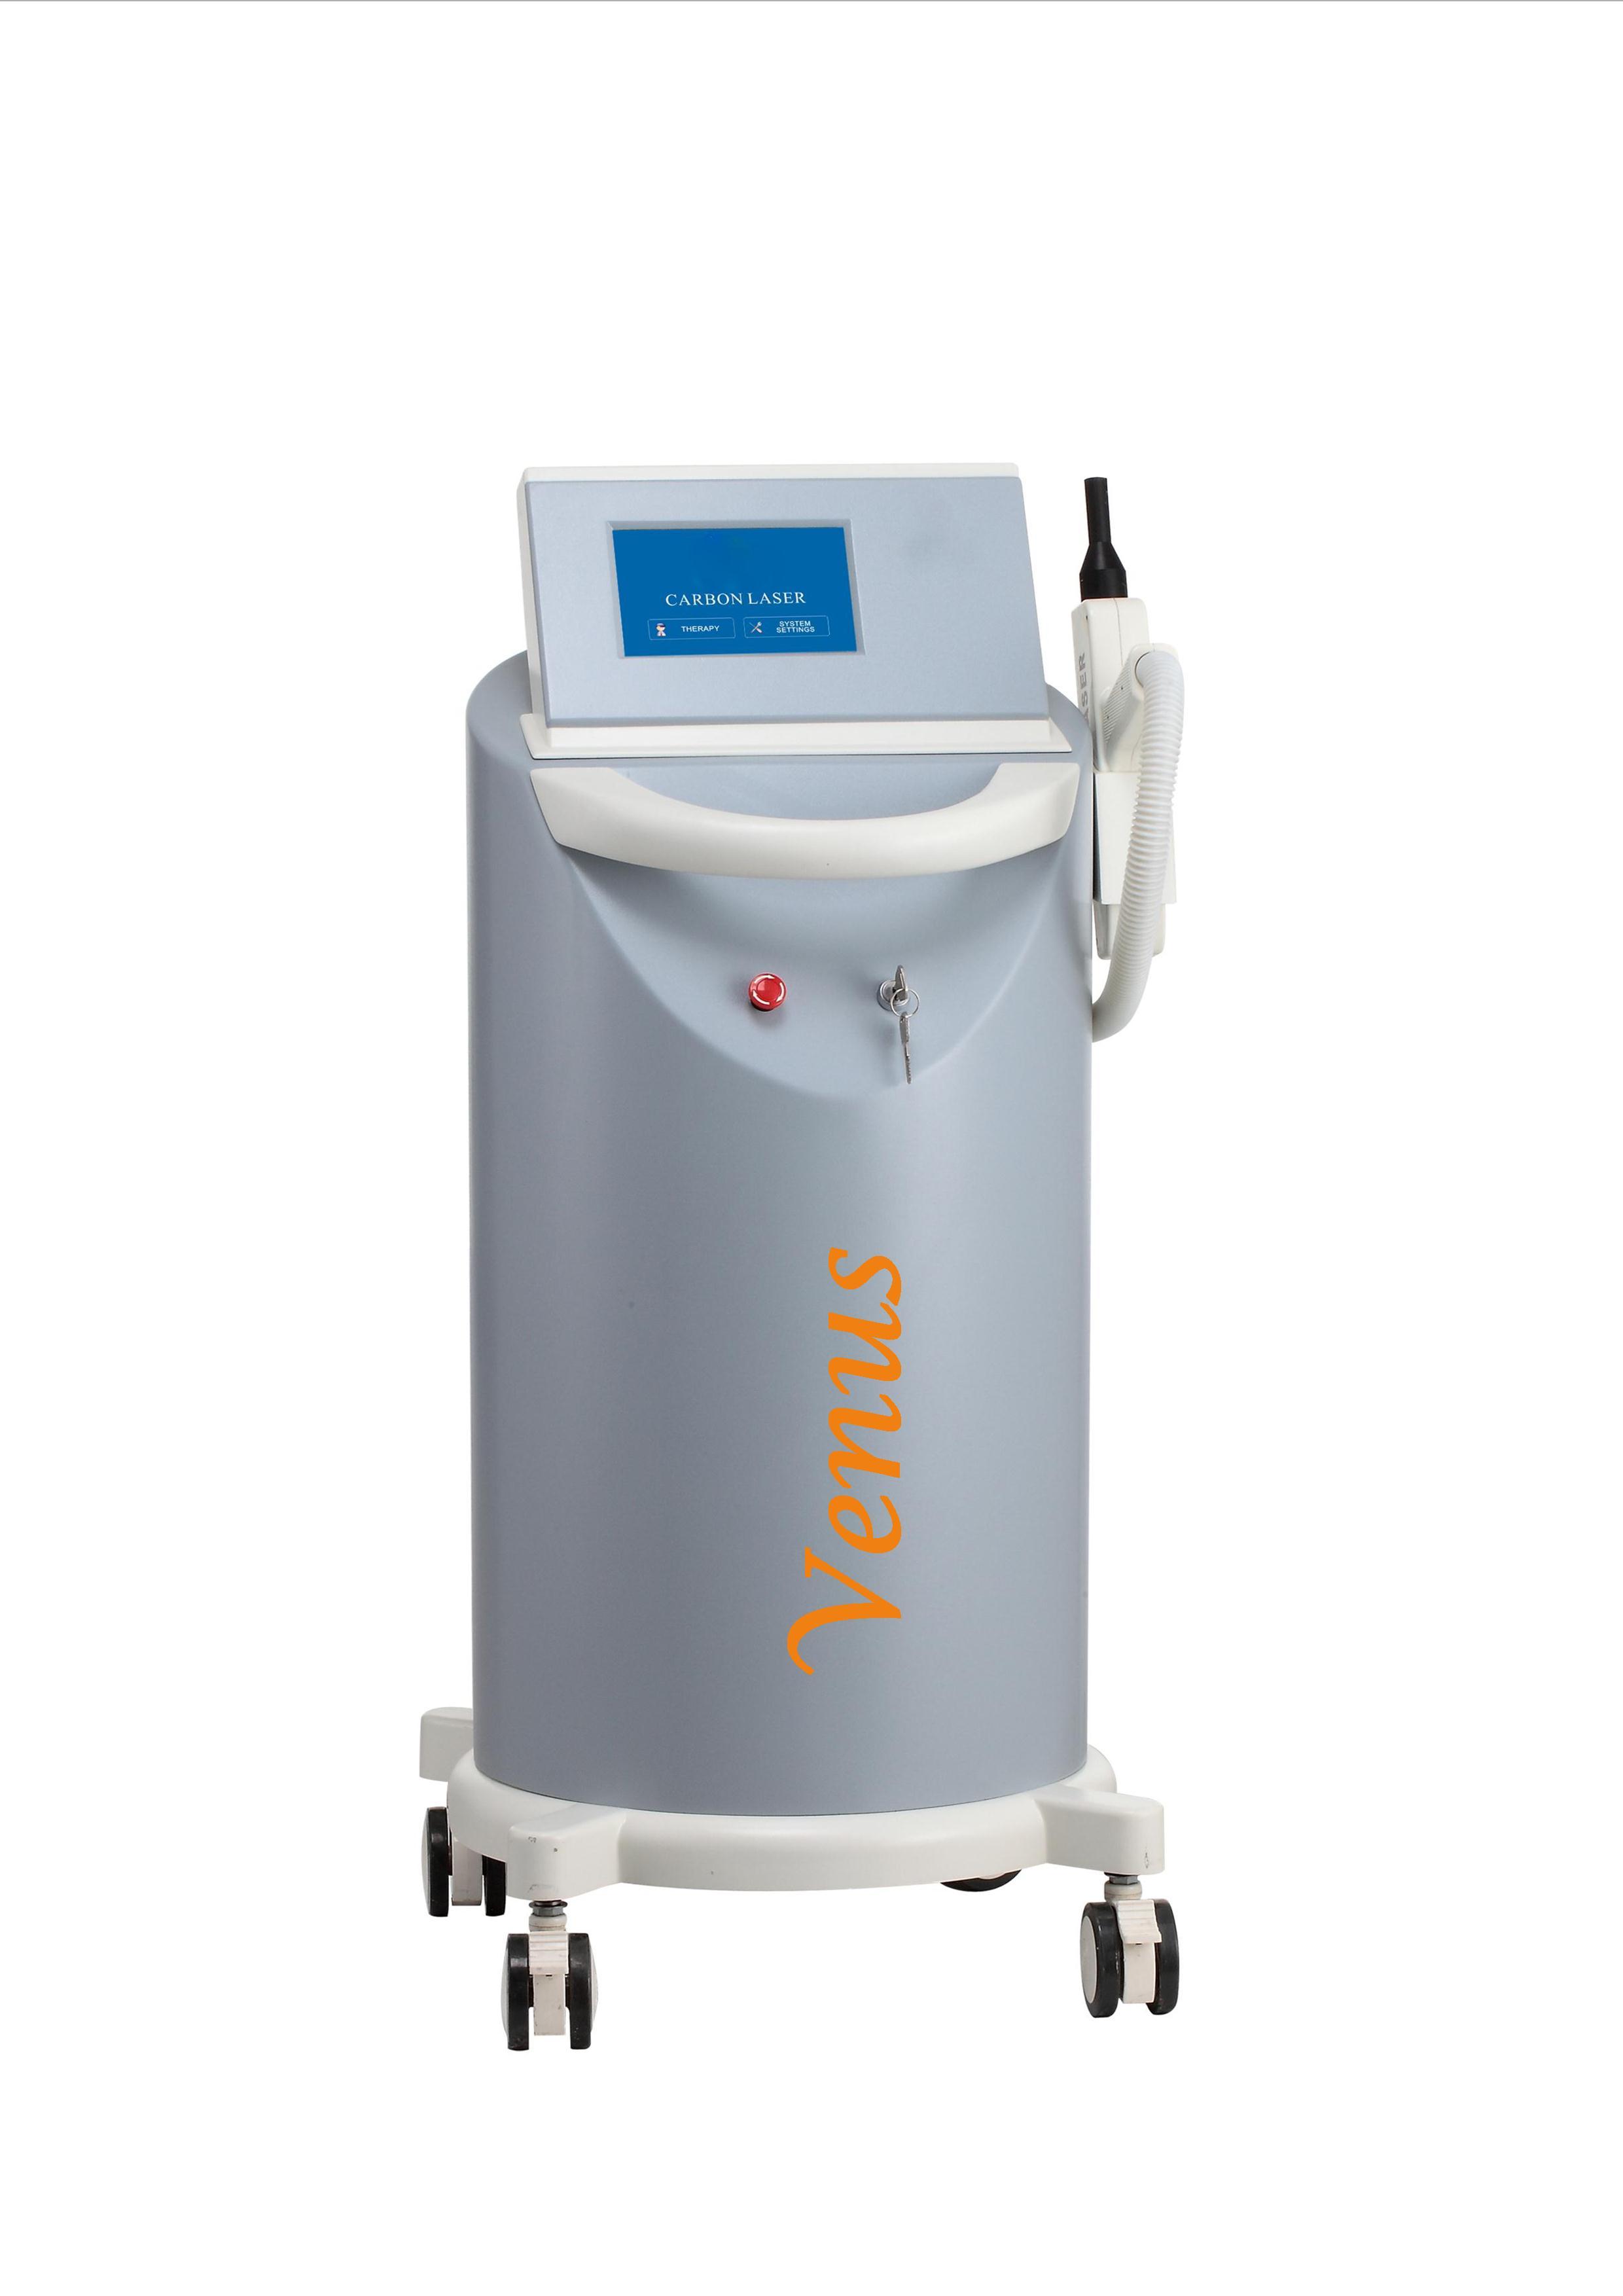 Venus Laser Eraser 3 Nz S Best Selection Of Ipl Machines